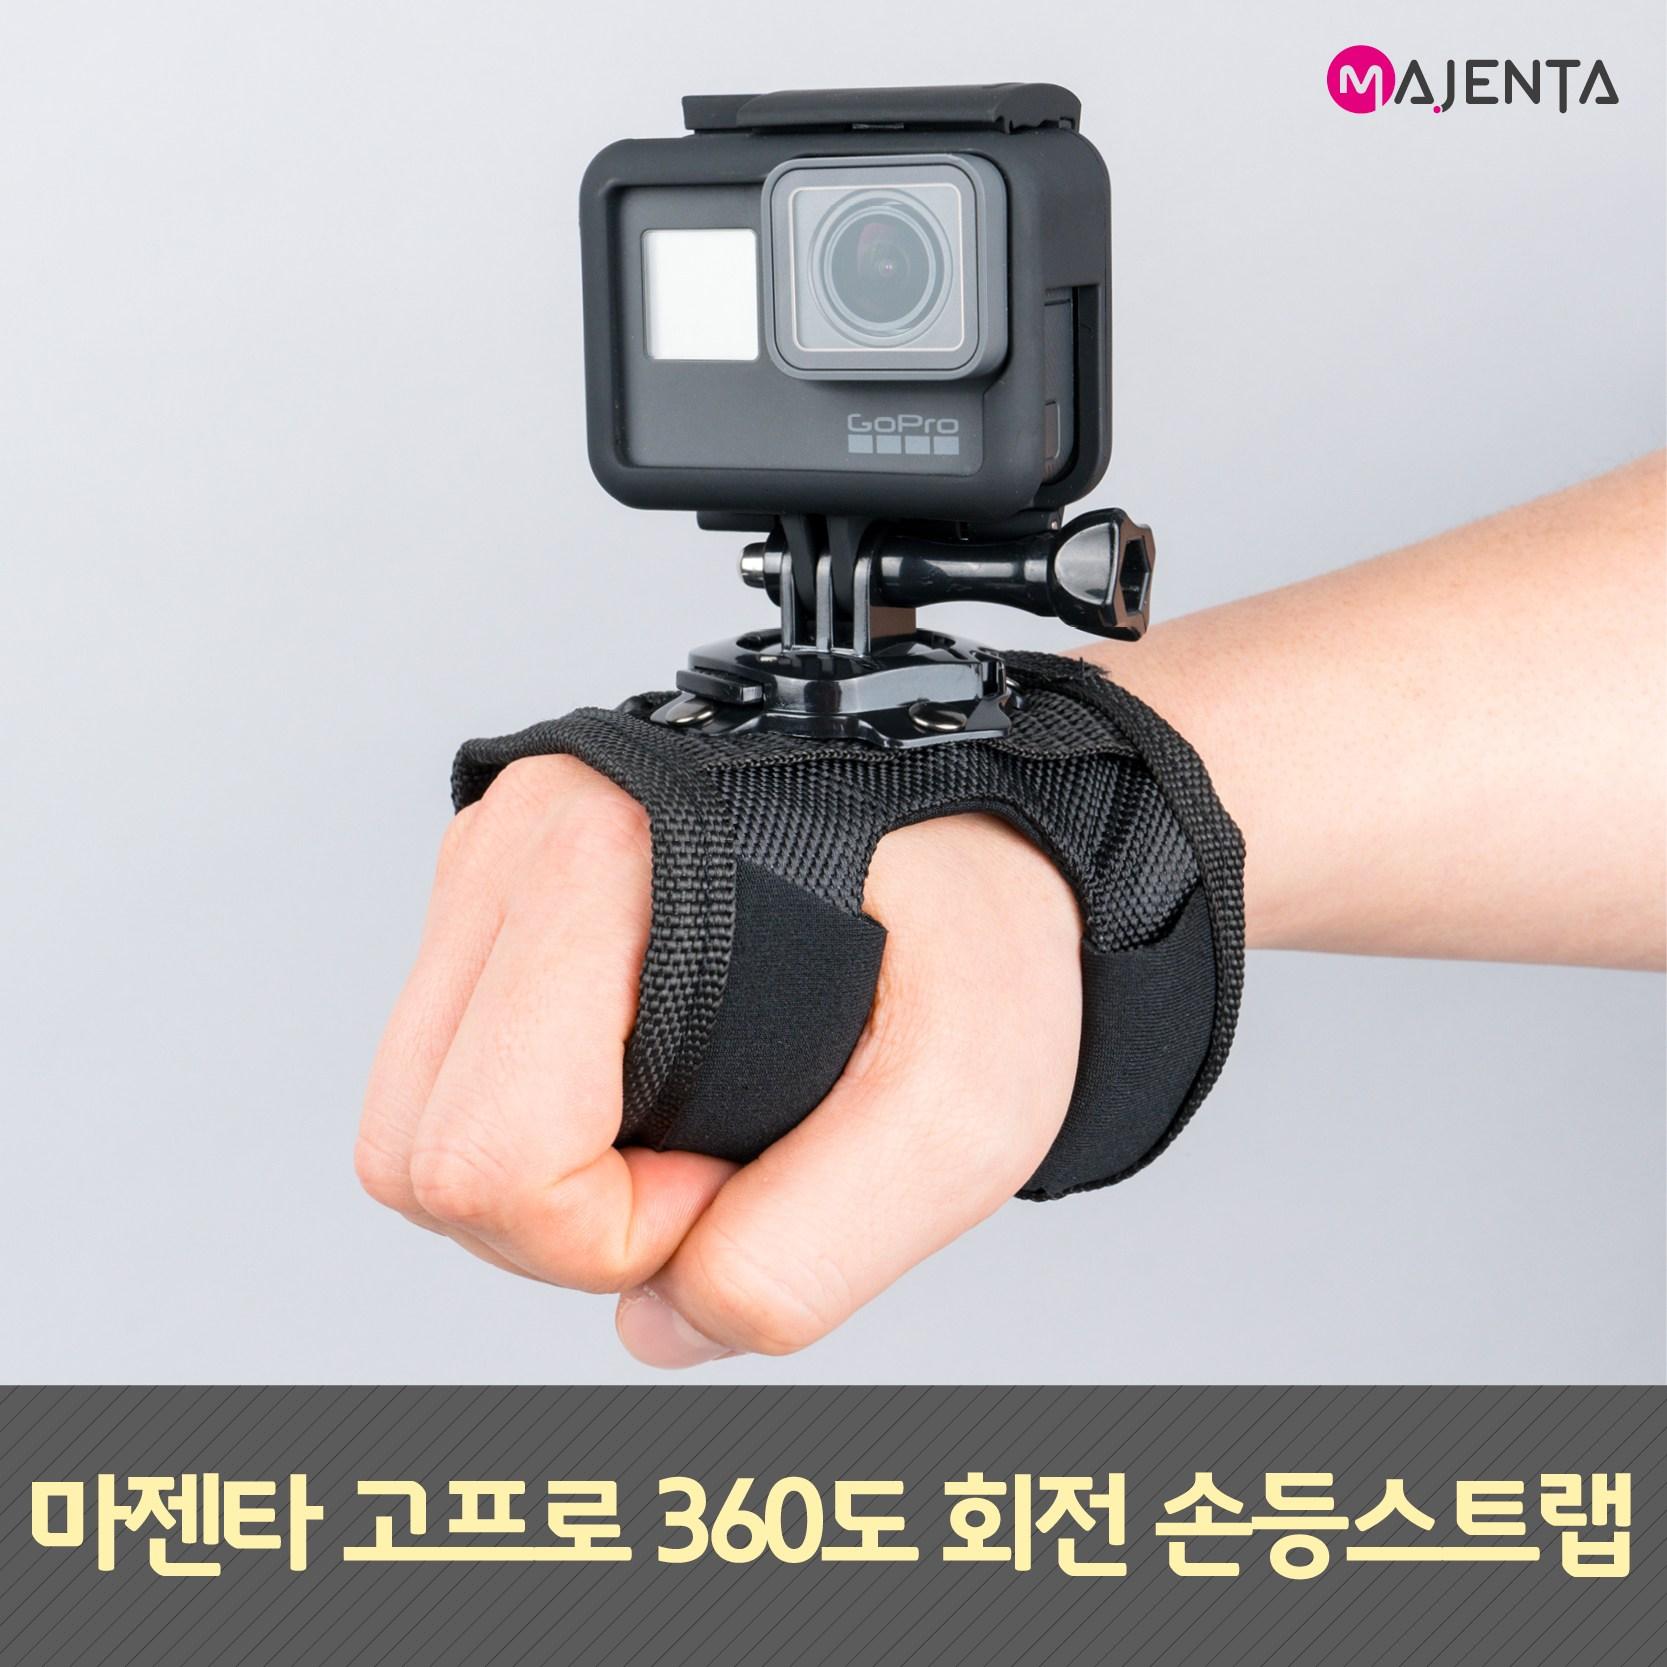 고프로 액션캠 360도 회전 손등스트랩, 단품